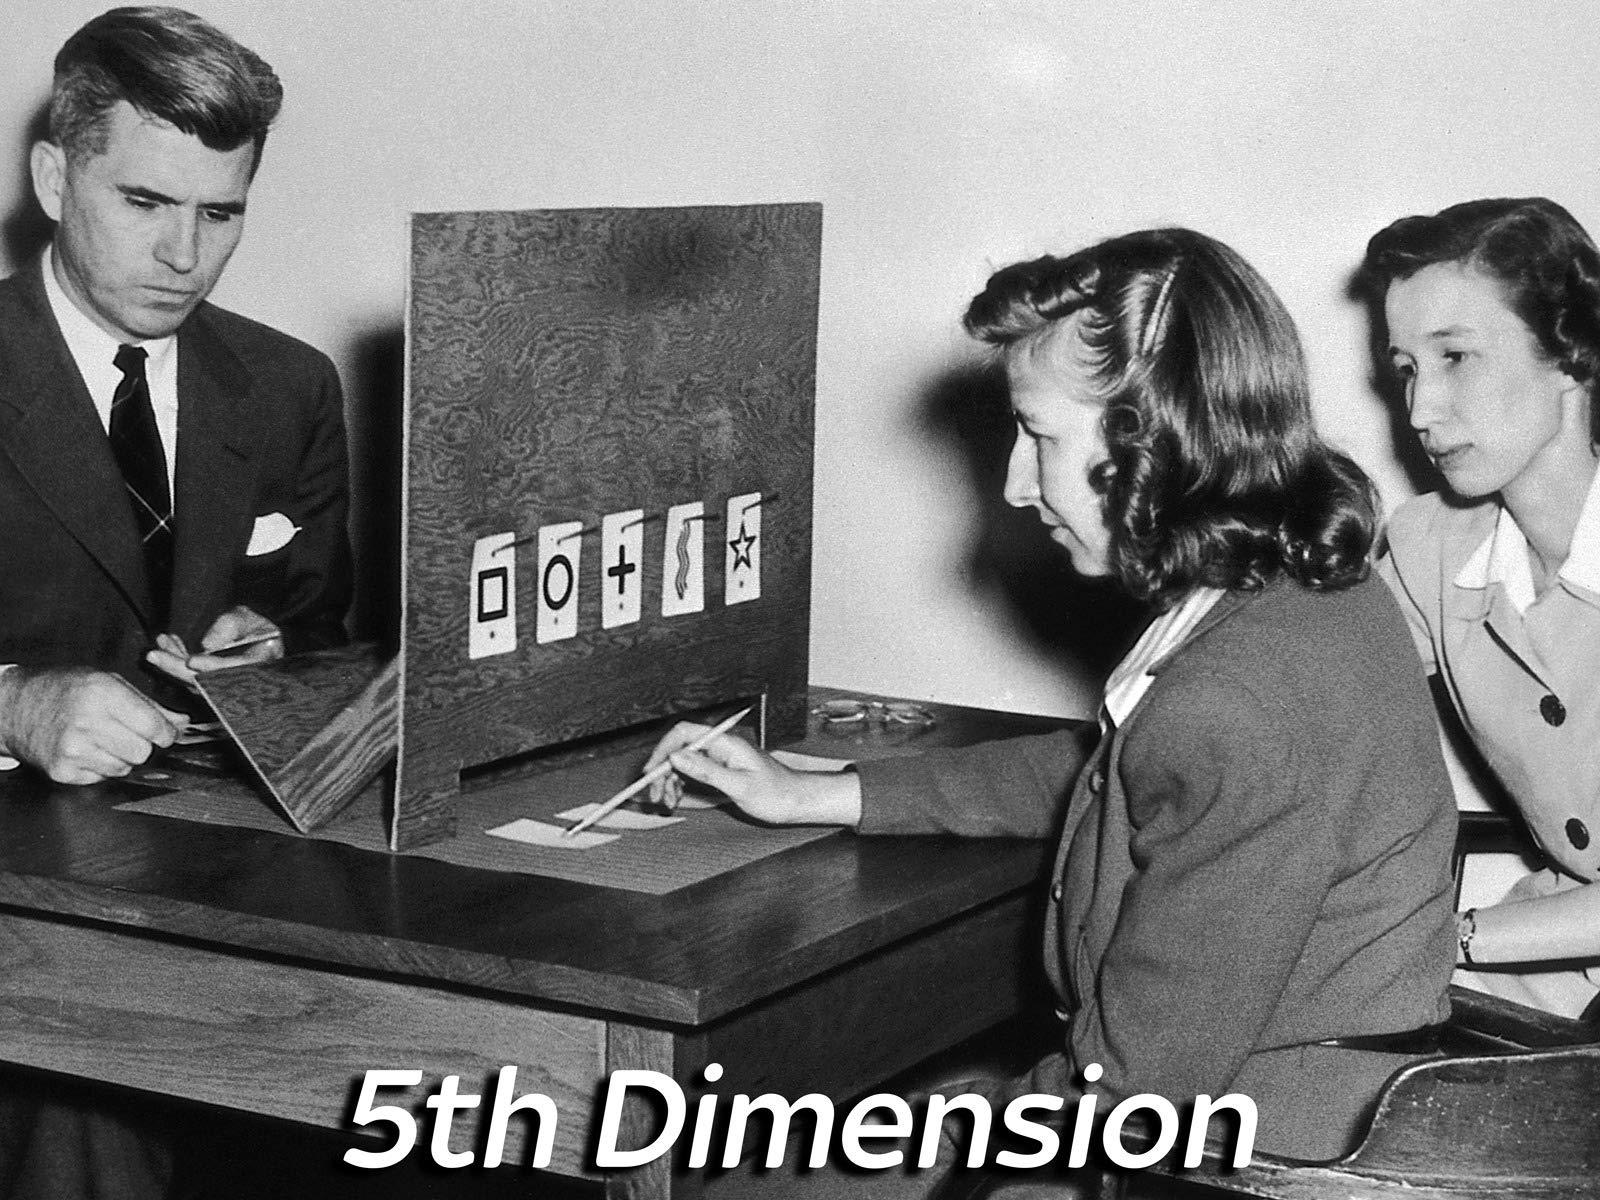 5th Dimension - Season 1